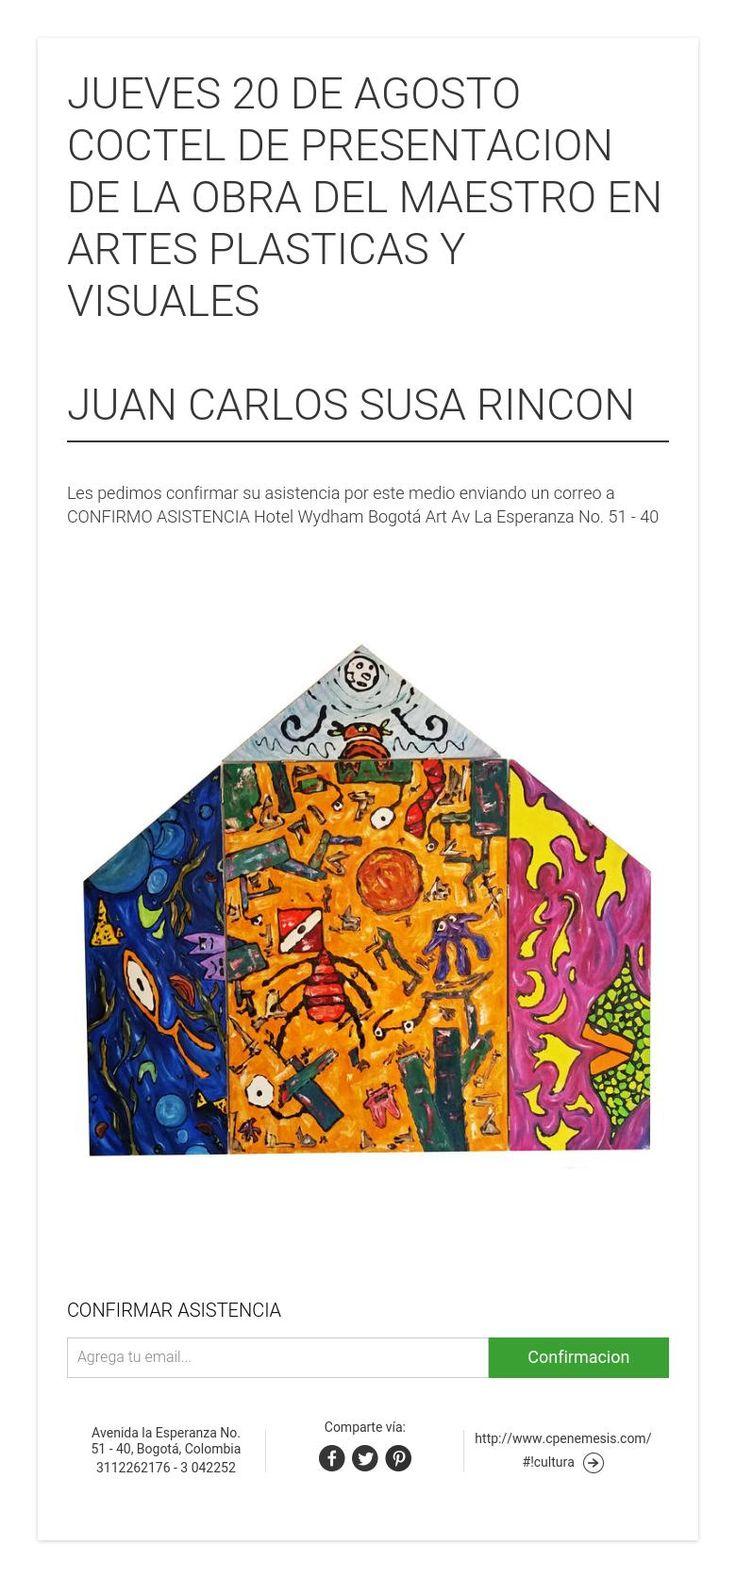 JUEVES 20 DE AGOSTO COCTEL DE PRESENTACION DE LA OBRA DEL MAESTRO EN ARTES PLASTICAS Y VISUALES    JUAN CARLOS SUSA RINCON